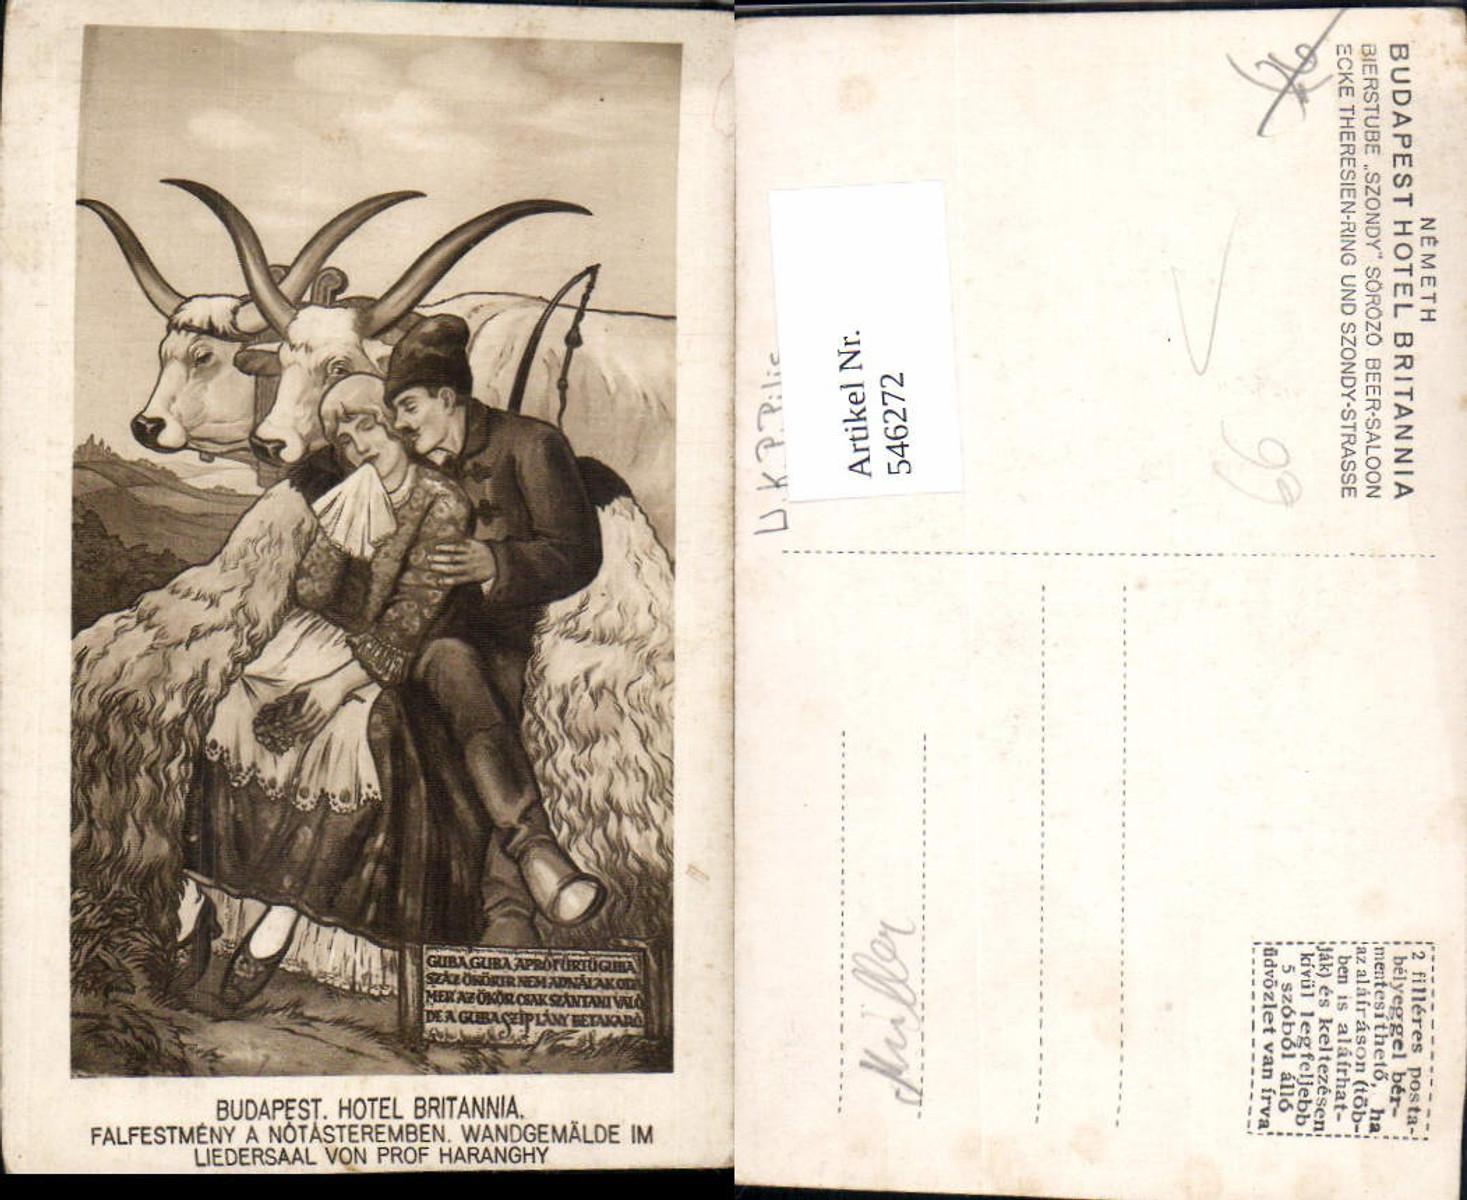 546272,tolle AK Hungary Budapest Hotel Britannia Bauern Liedersaal Gemälde v. Haranghy günstig online kaufen